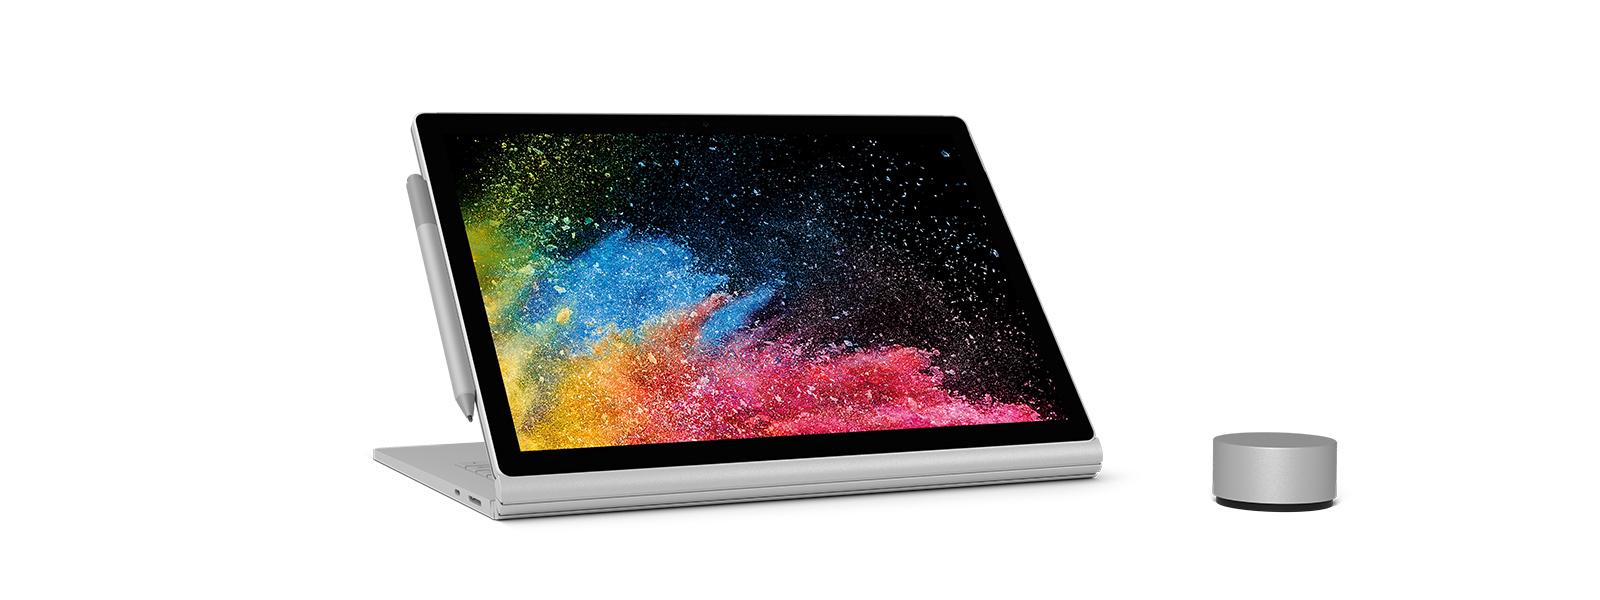 Surface Book 2, Ansicht von vorne und Ansicht mit umgedrehtem Bildschirm.